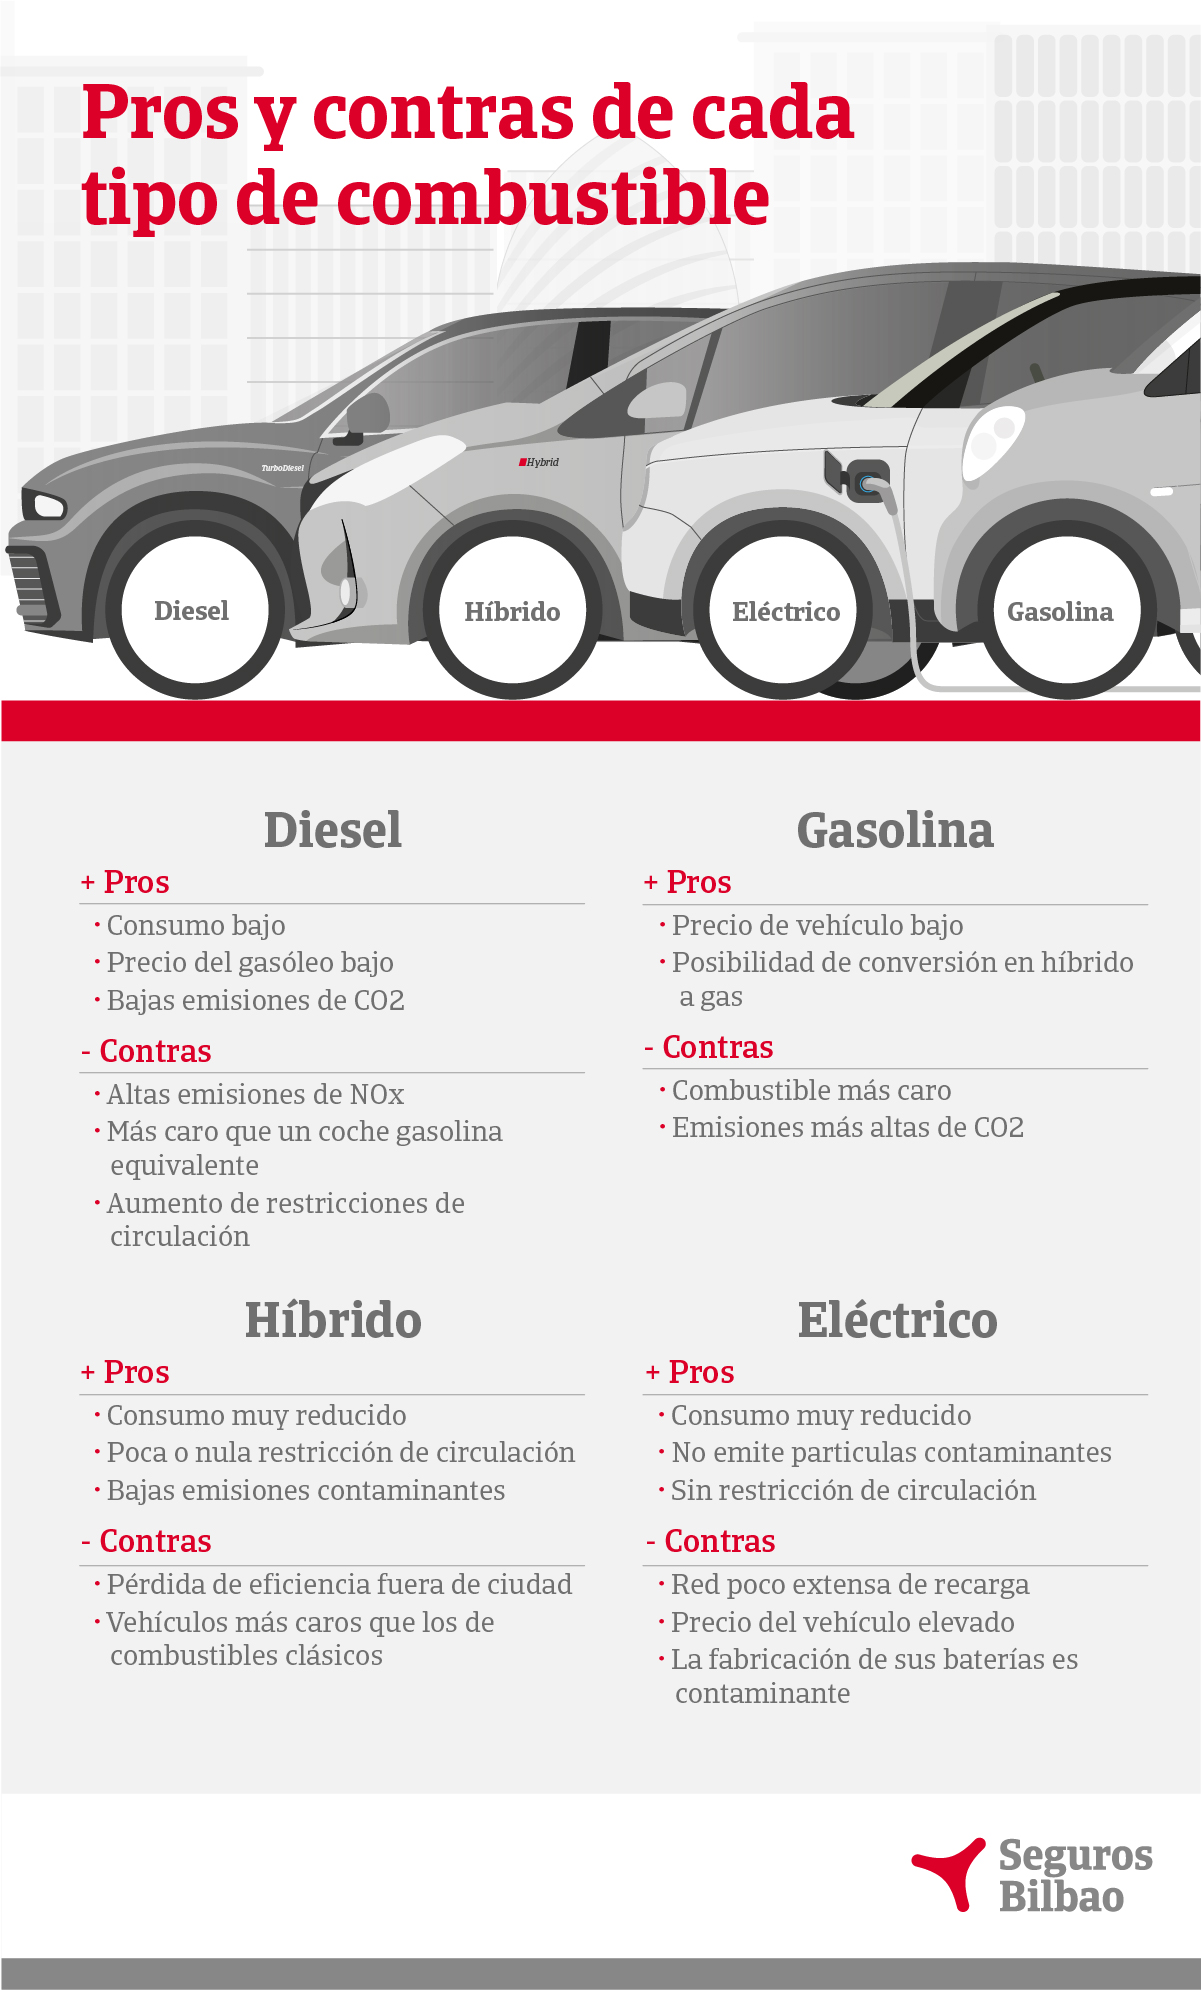 pros y contras de cada tipo de combustible